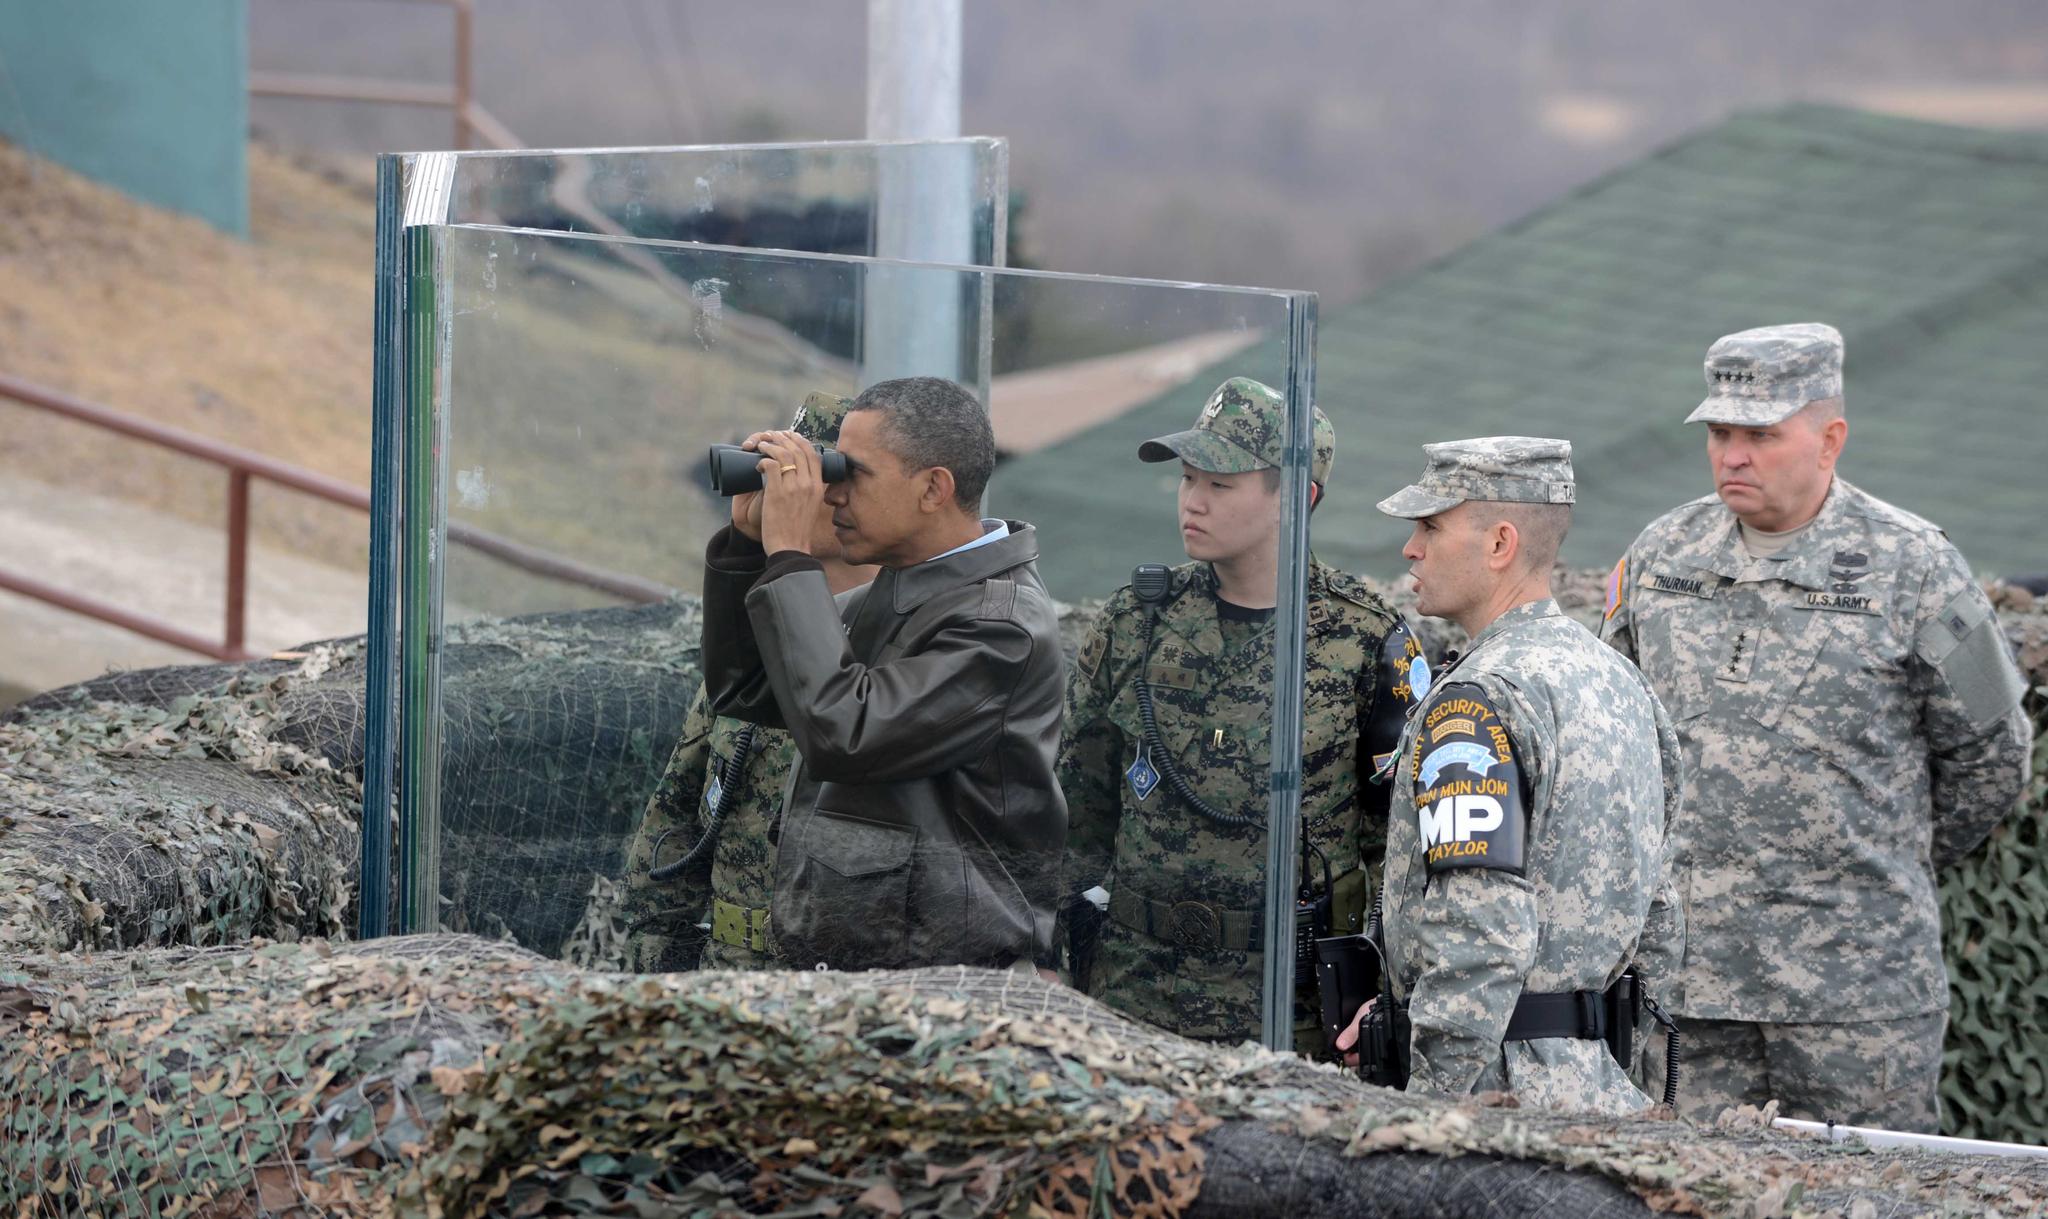 2012핵안보정상회의를 위해 2012년 3월 25일 새벽 방한한 오바마 미대통령이 판문점 공동경비구역을 방문하여 오피오울렛에서 망원경으로 남측을 보고 있다. 판문점 공동경비구역=사진공동취재단